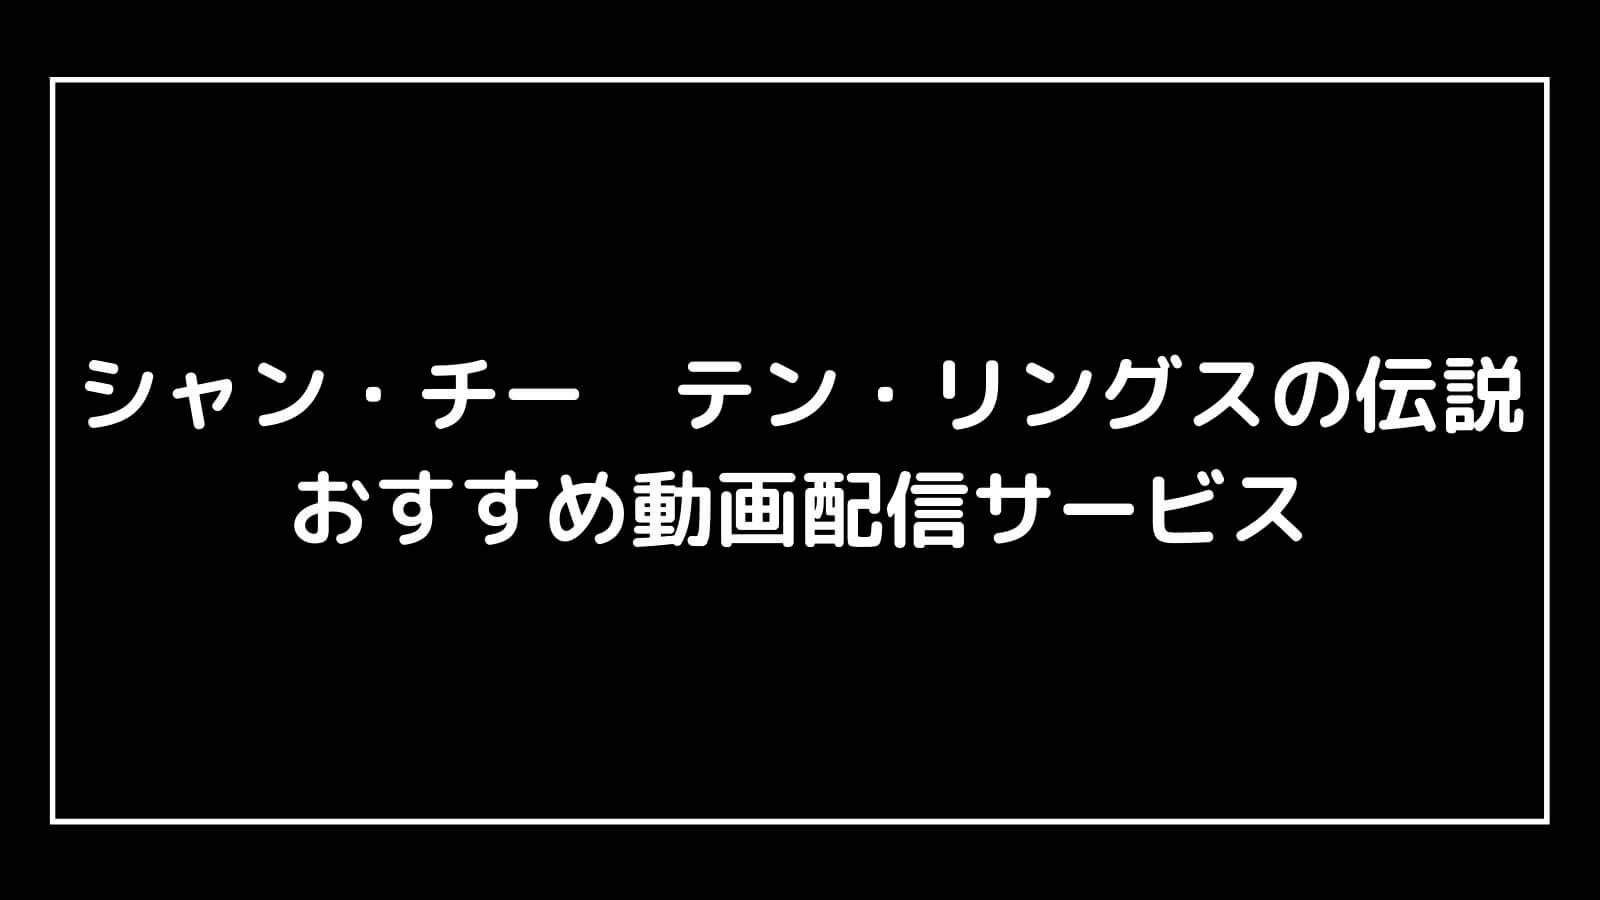 映画『シャン・チー テン・リングスの伝説』を無料視聴できるおすすめ動画配信サービス